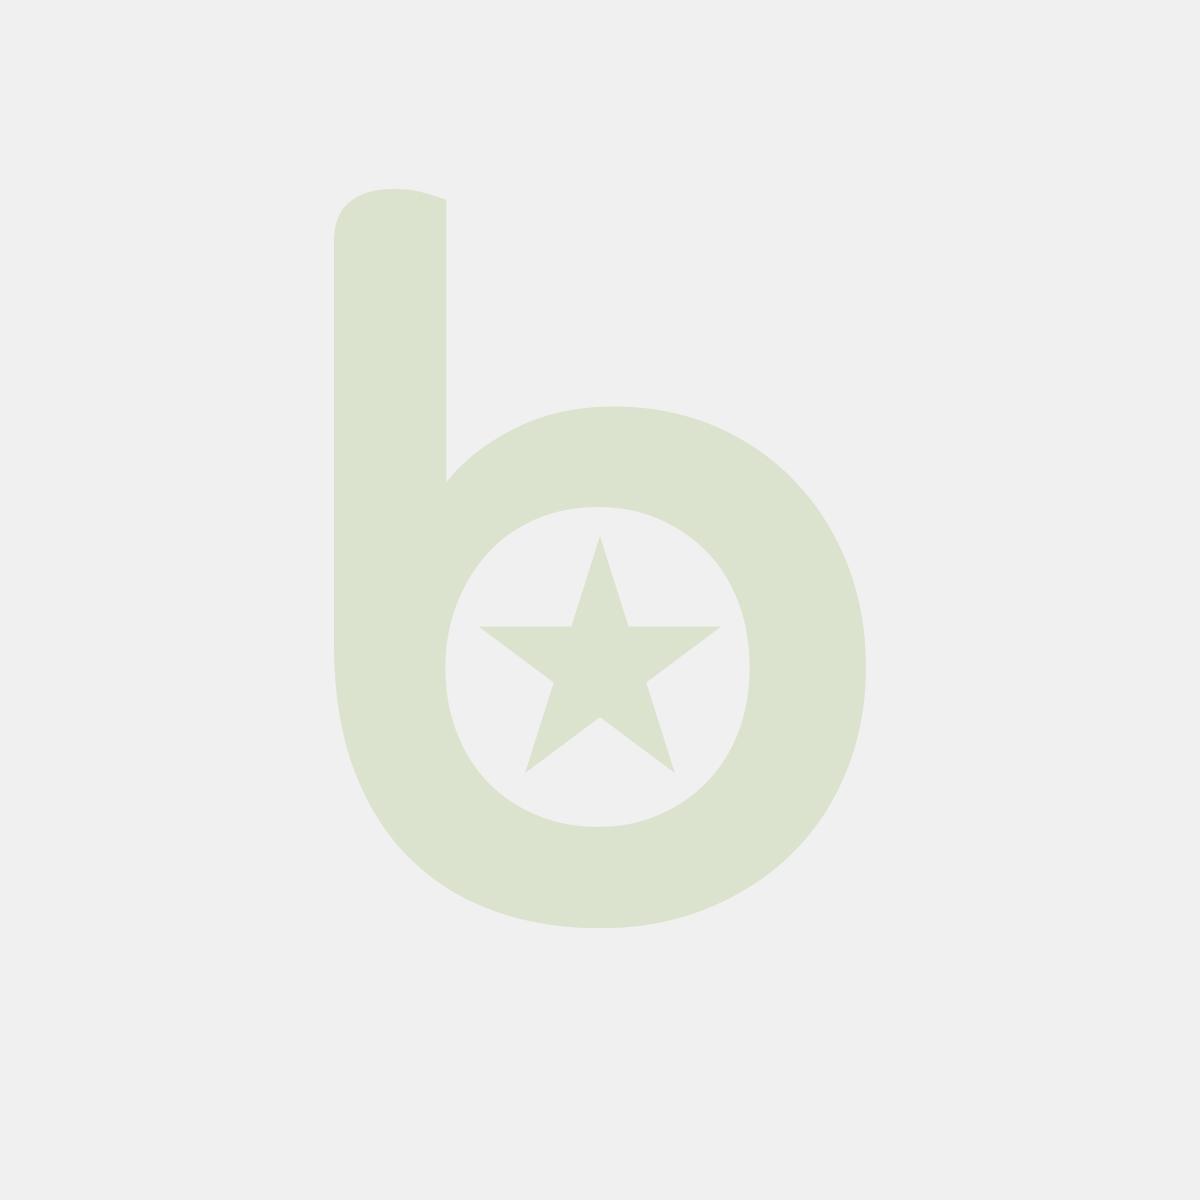 FINGERFOOD - kieliszek PS transparentny 50ml op. 25 sztuk